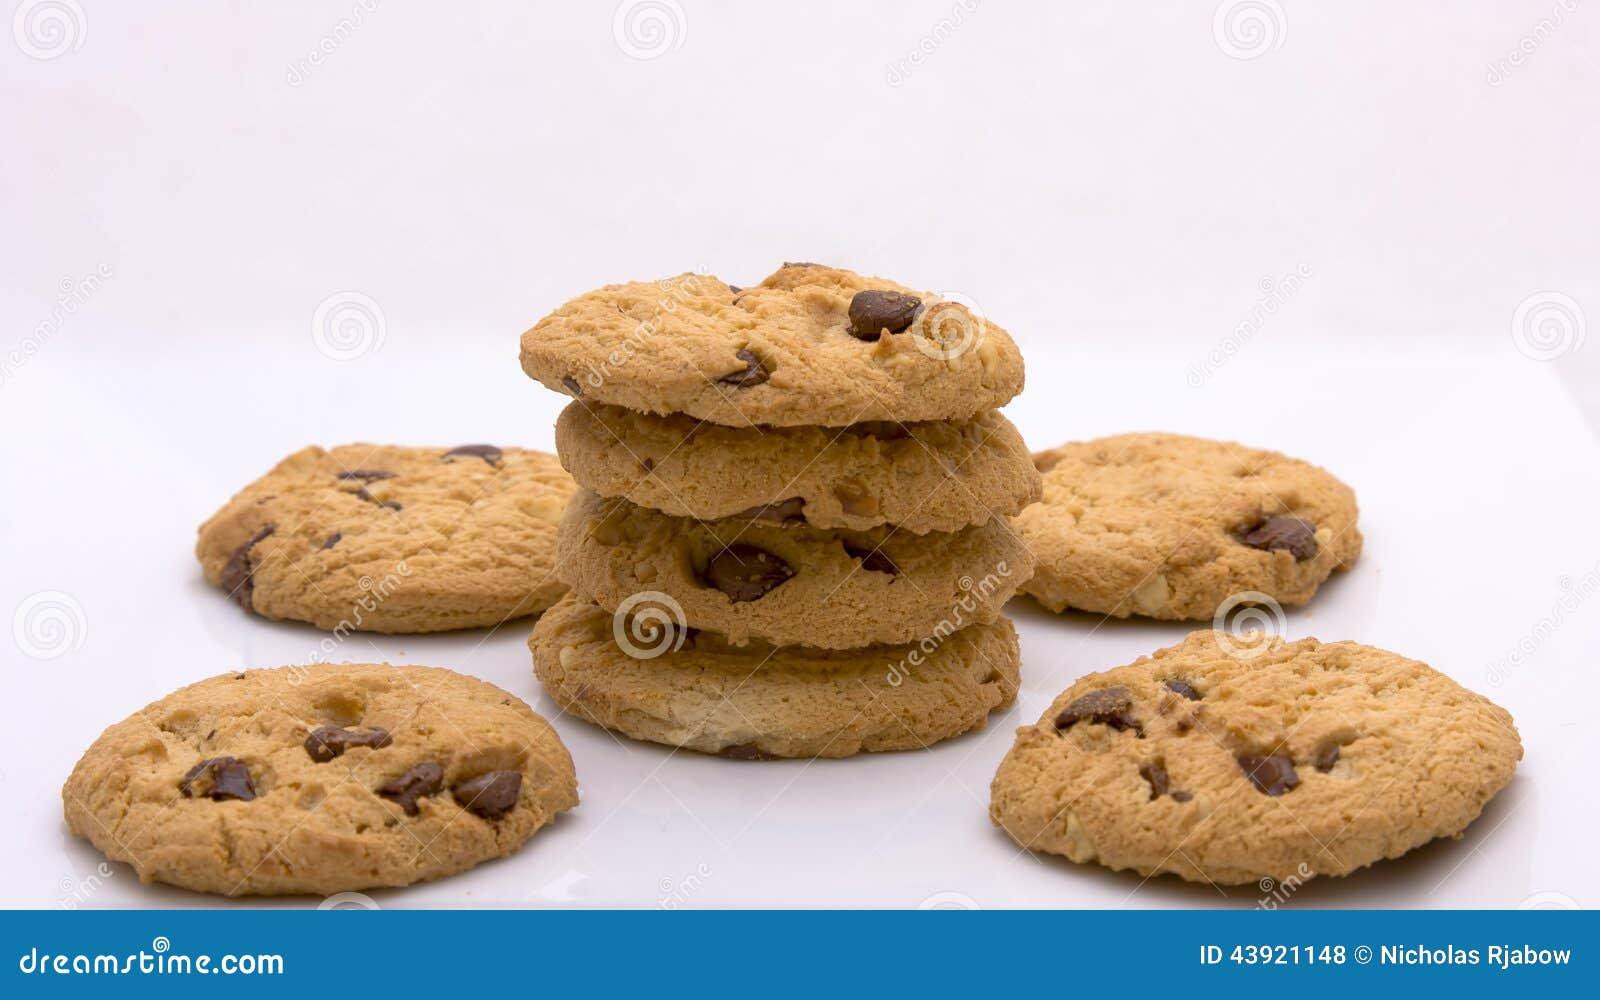 Cookies Stock Photo Image 43921148